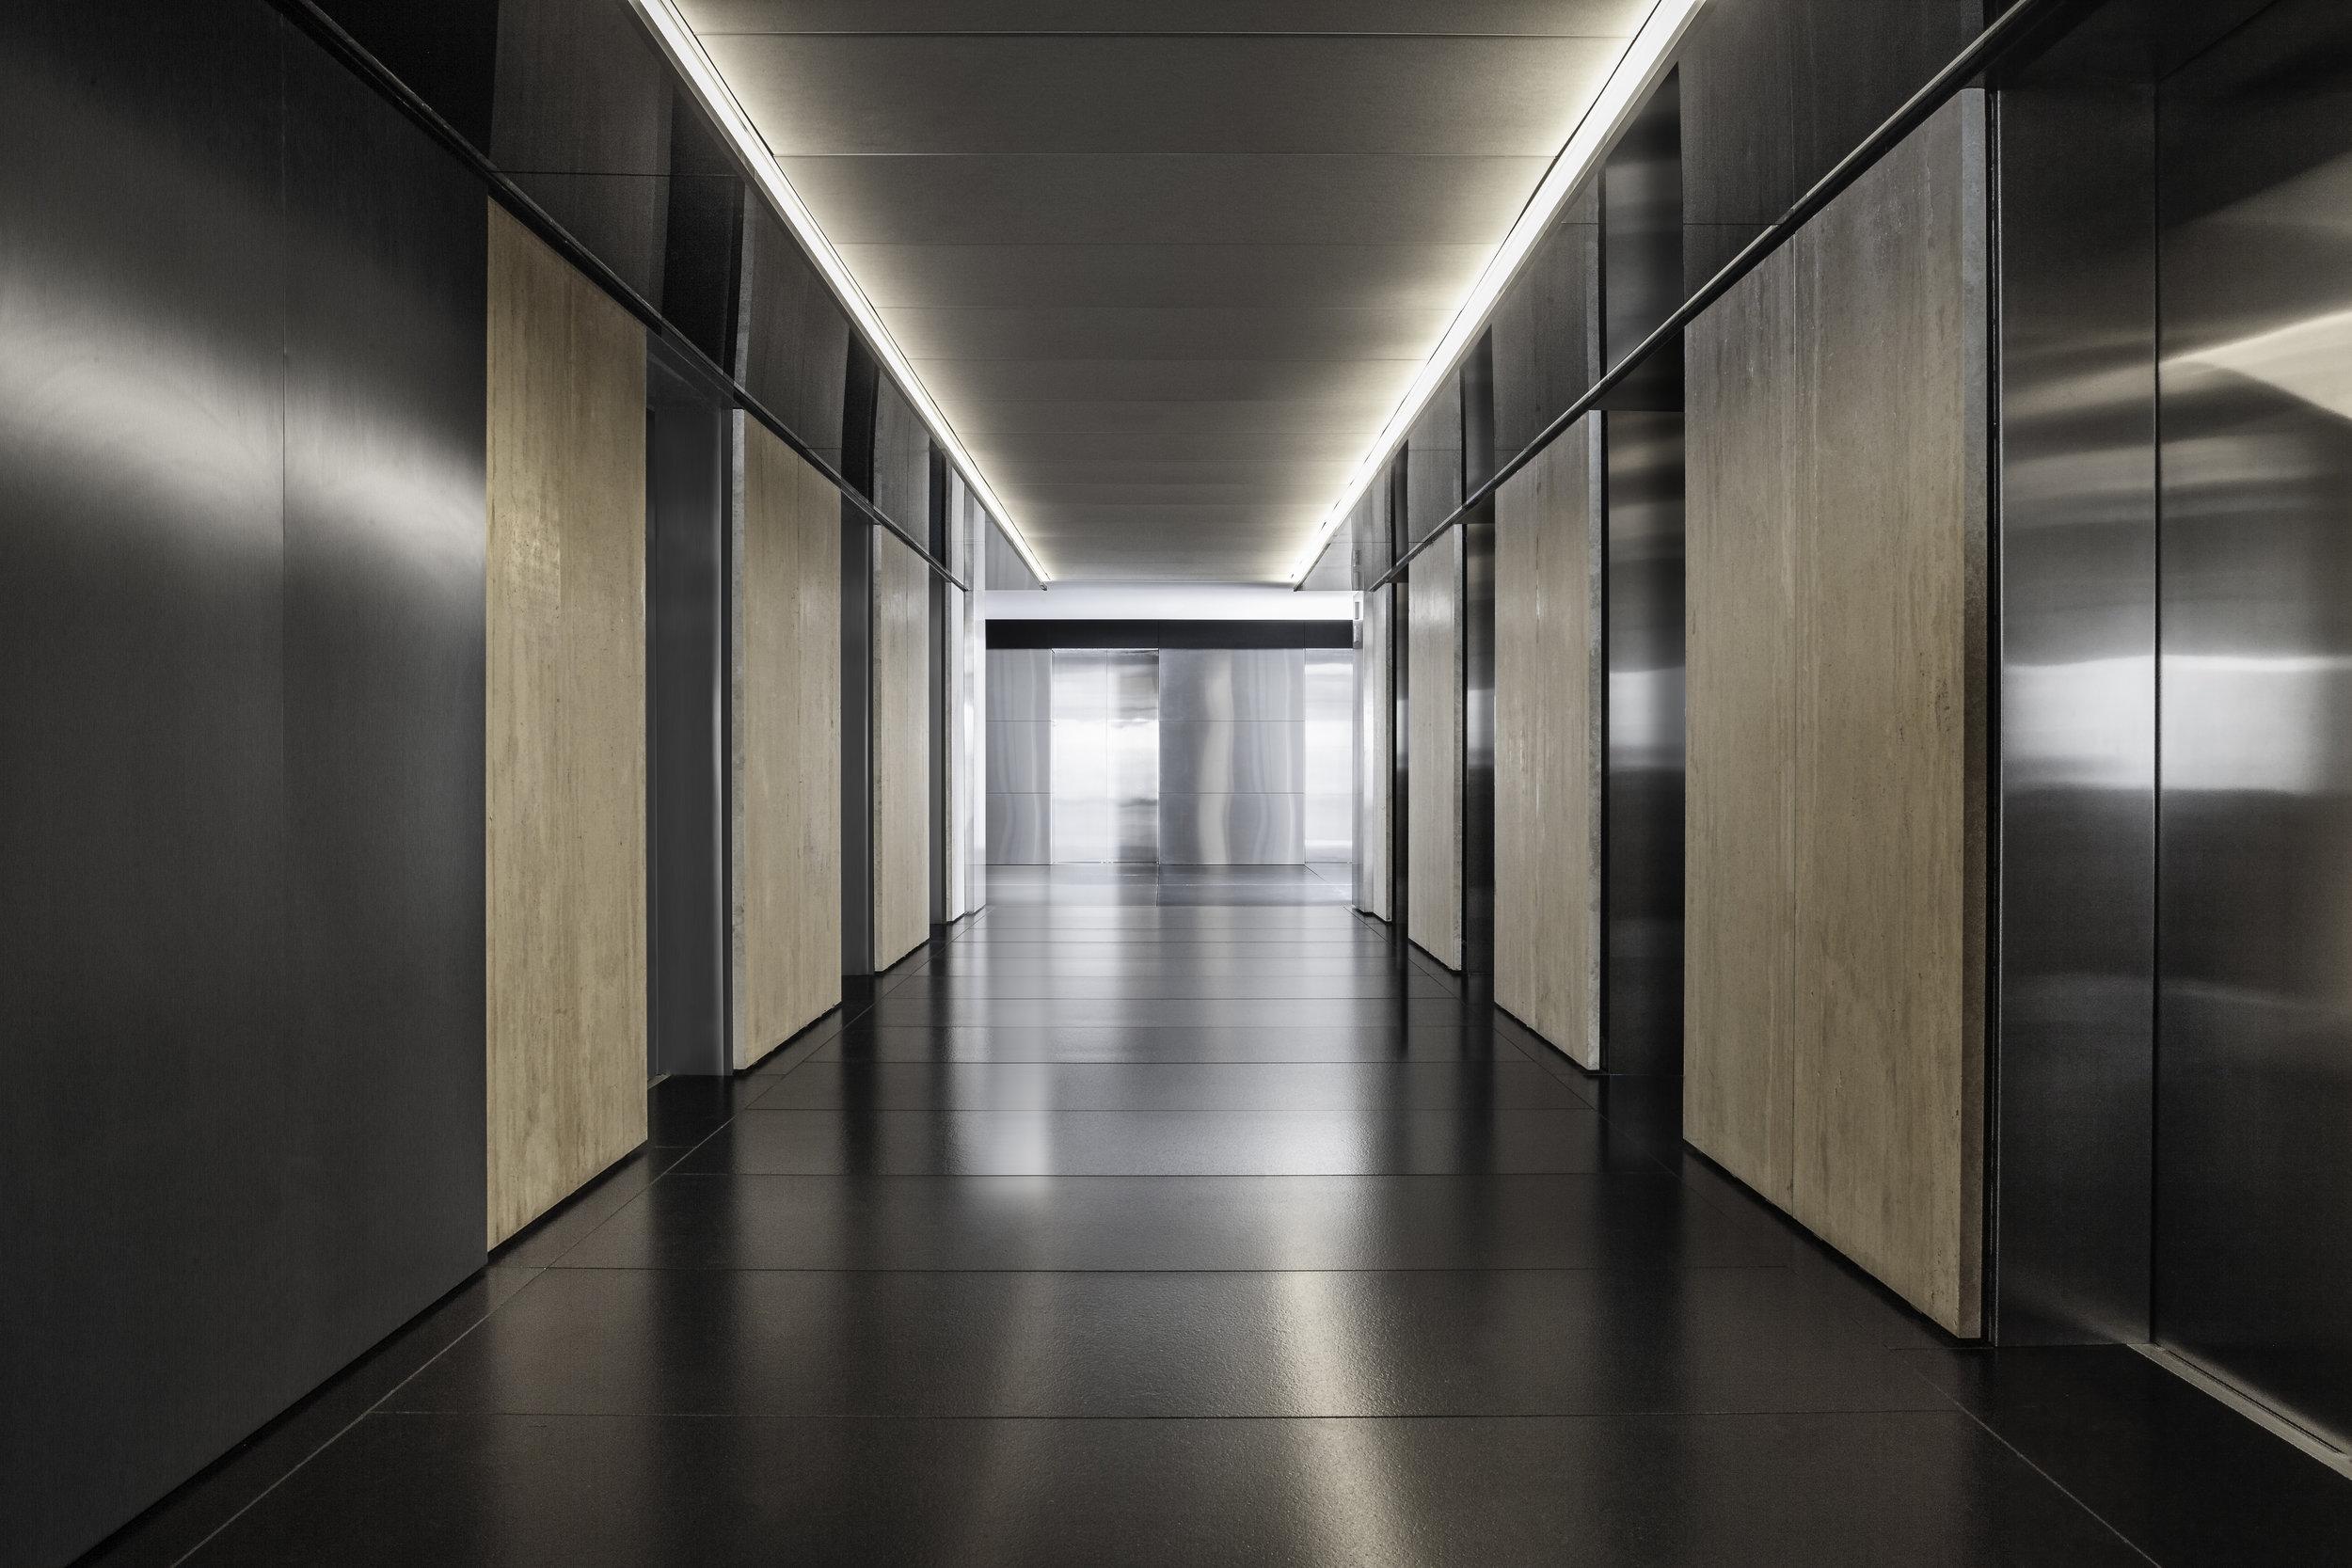 vestíbulo elevadores 23 copy.jpg